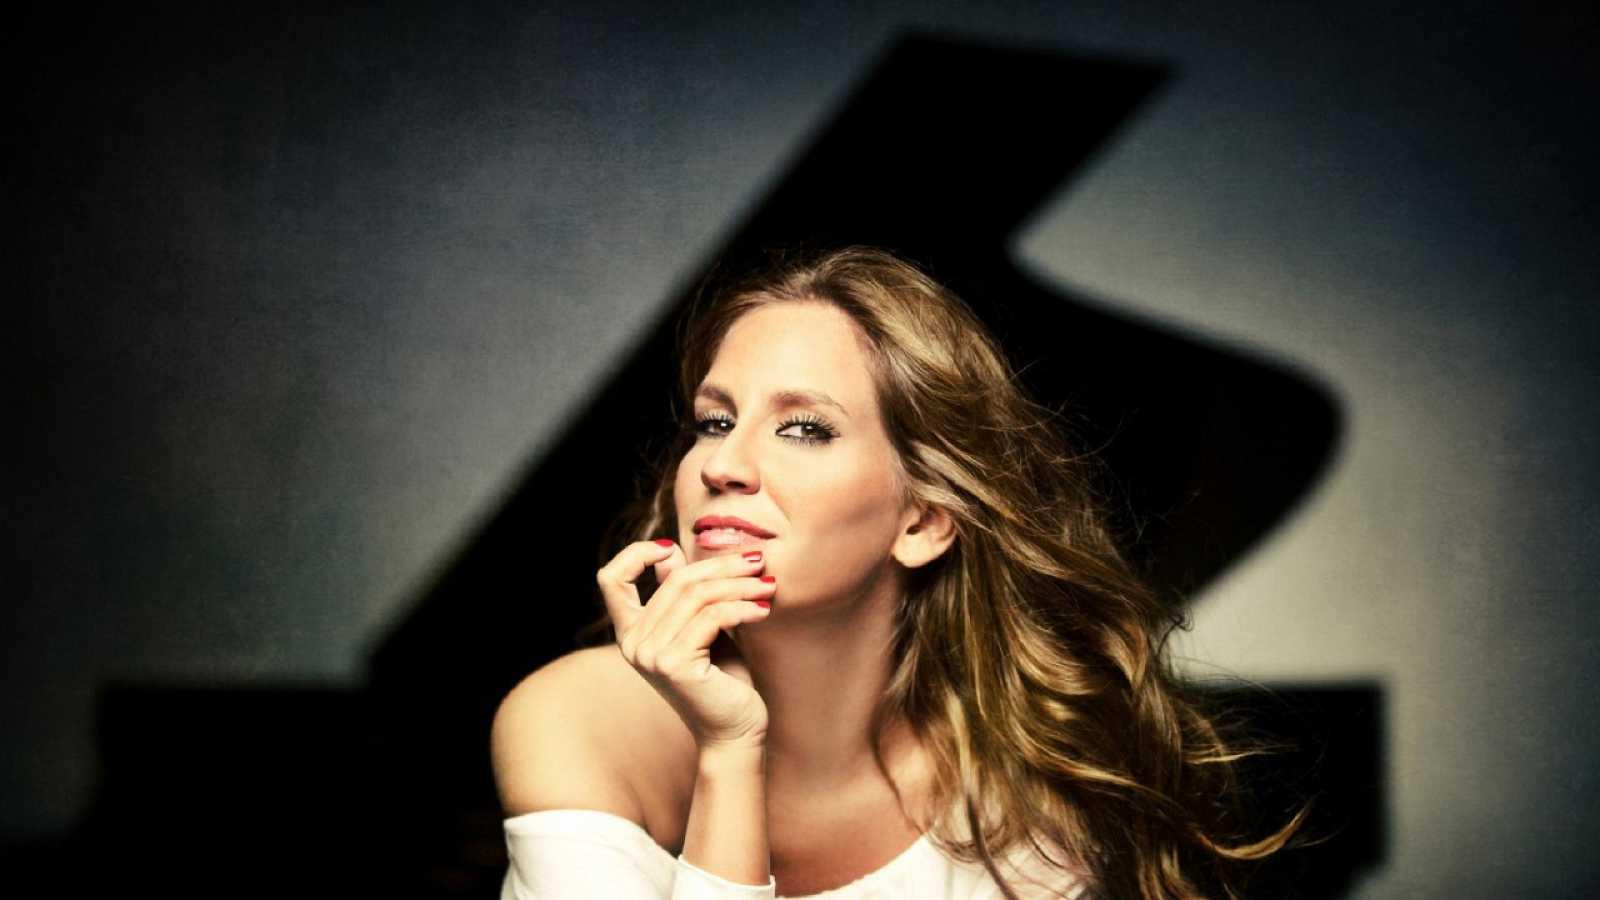 Tarde lo que tarde - Flamenco con teclas de piano - 21/04/21 - escuchar ahora